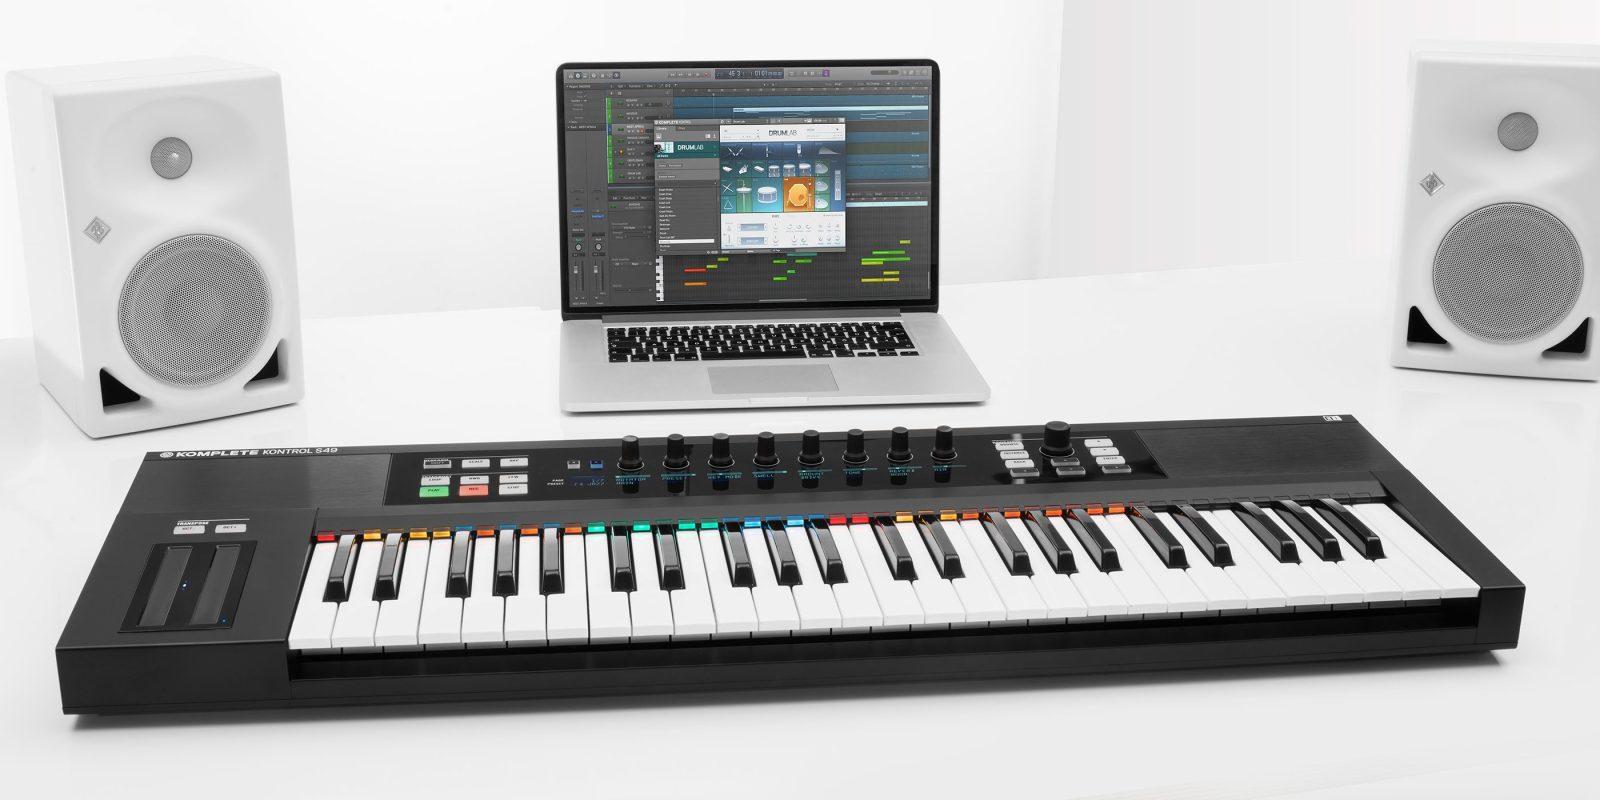 virtual midi piano keyboard record